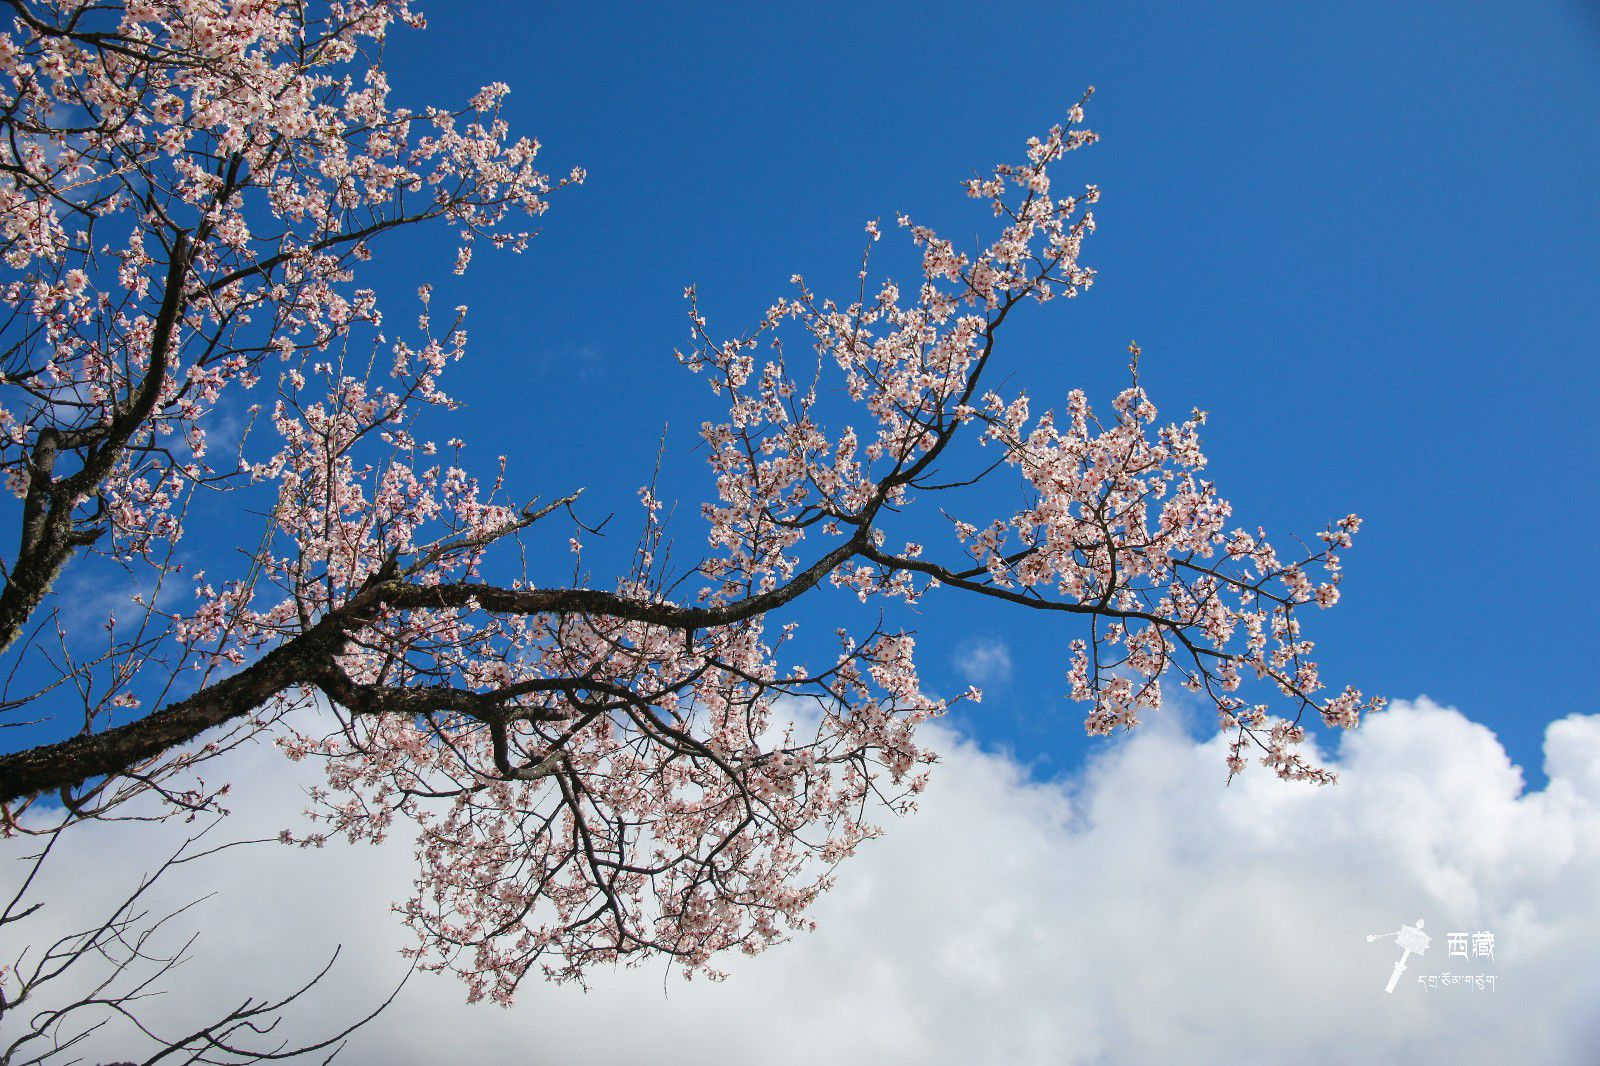 四月春天在林芝_拉萨旅游攻略_百度旅游